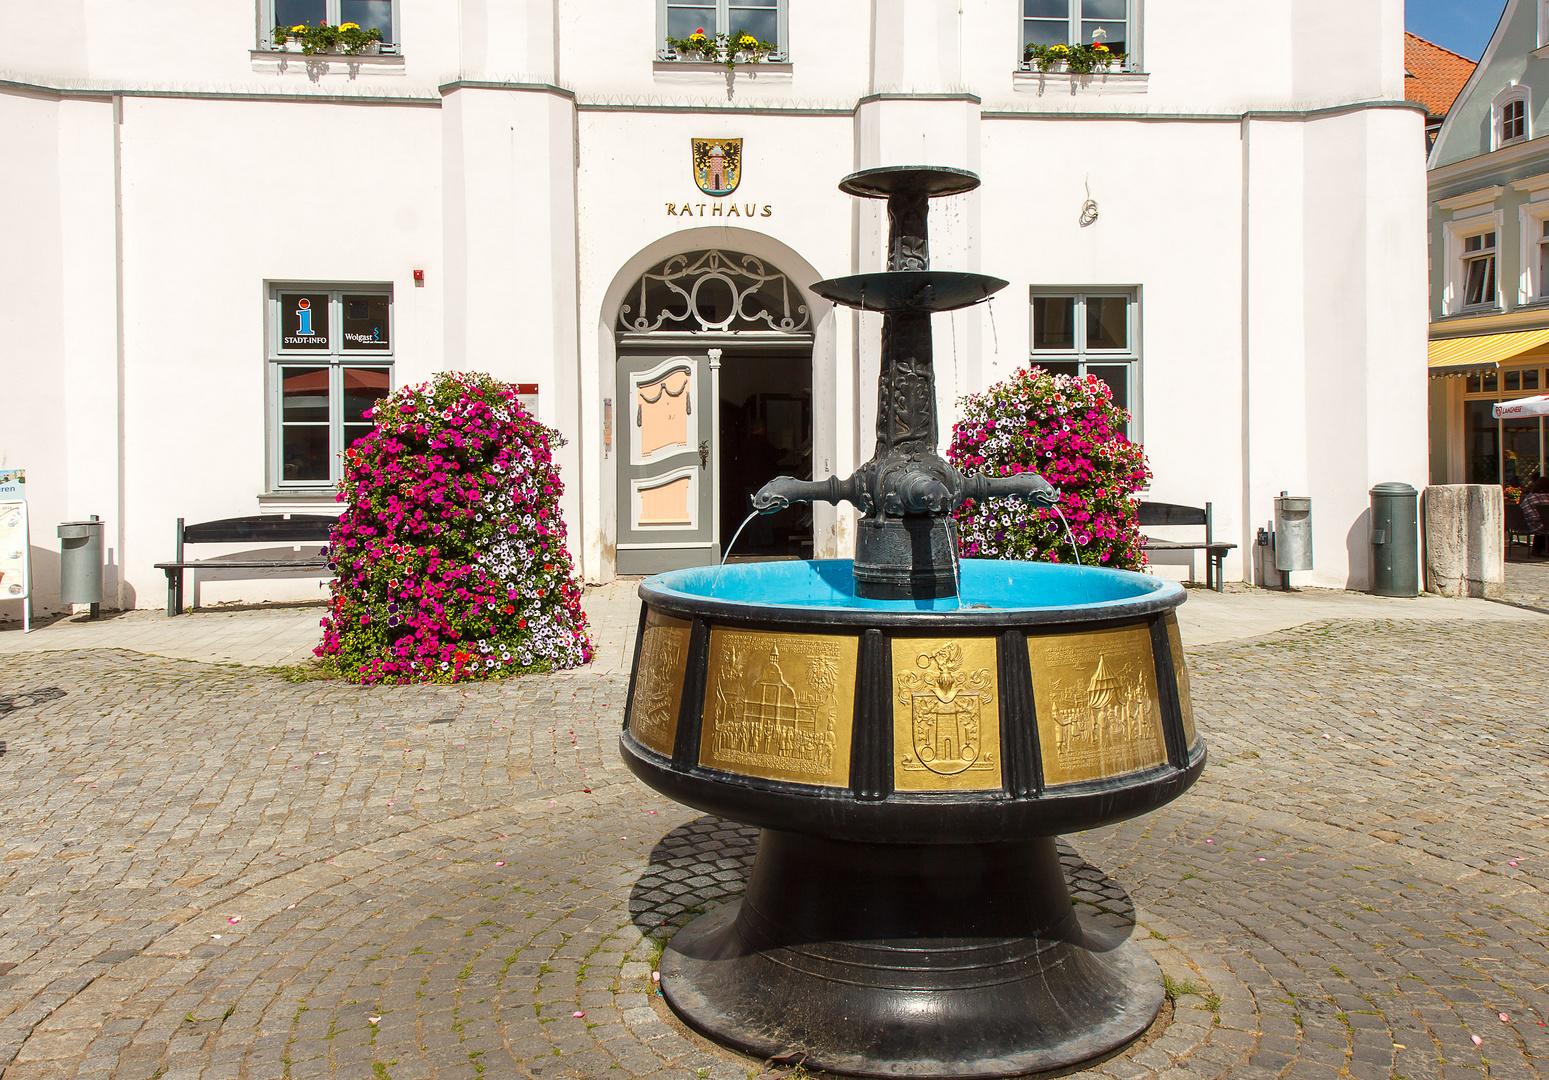 Vor dem Rathaus in Wolgast